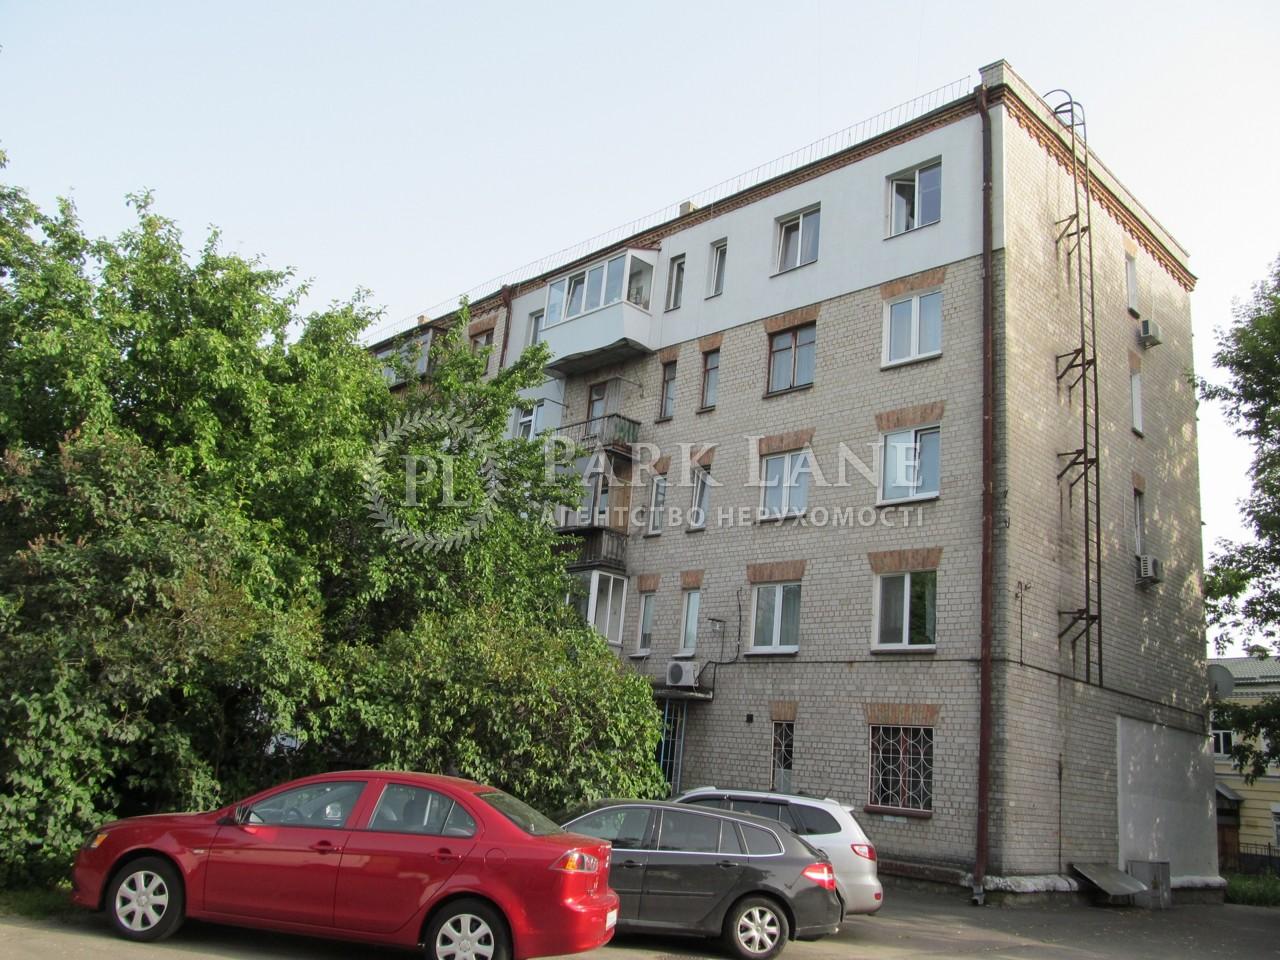 Квартира ул. Лаврская, 21, Киев, R-33190 - Фото 16